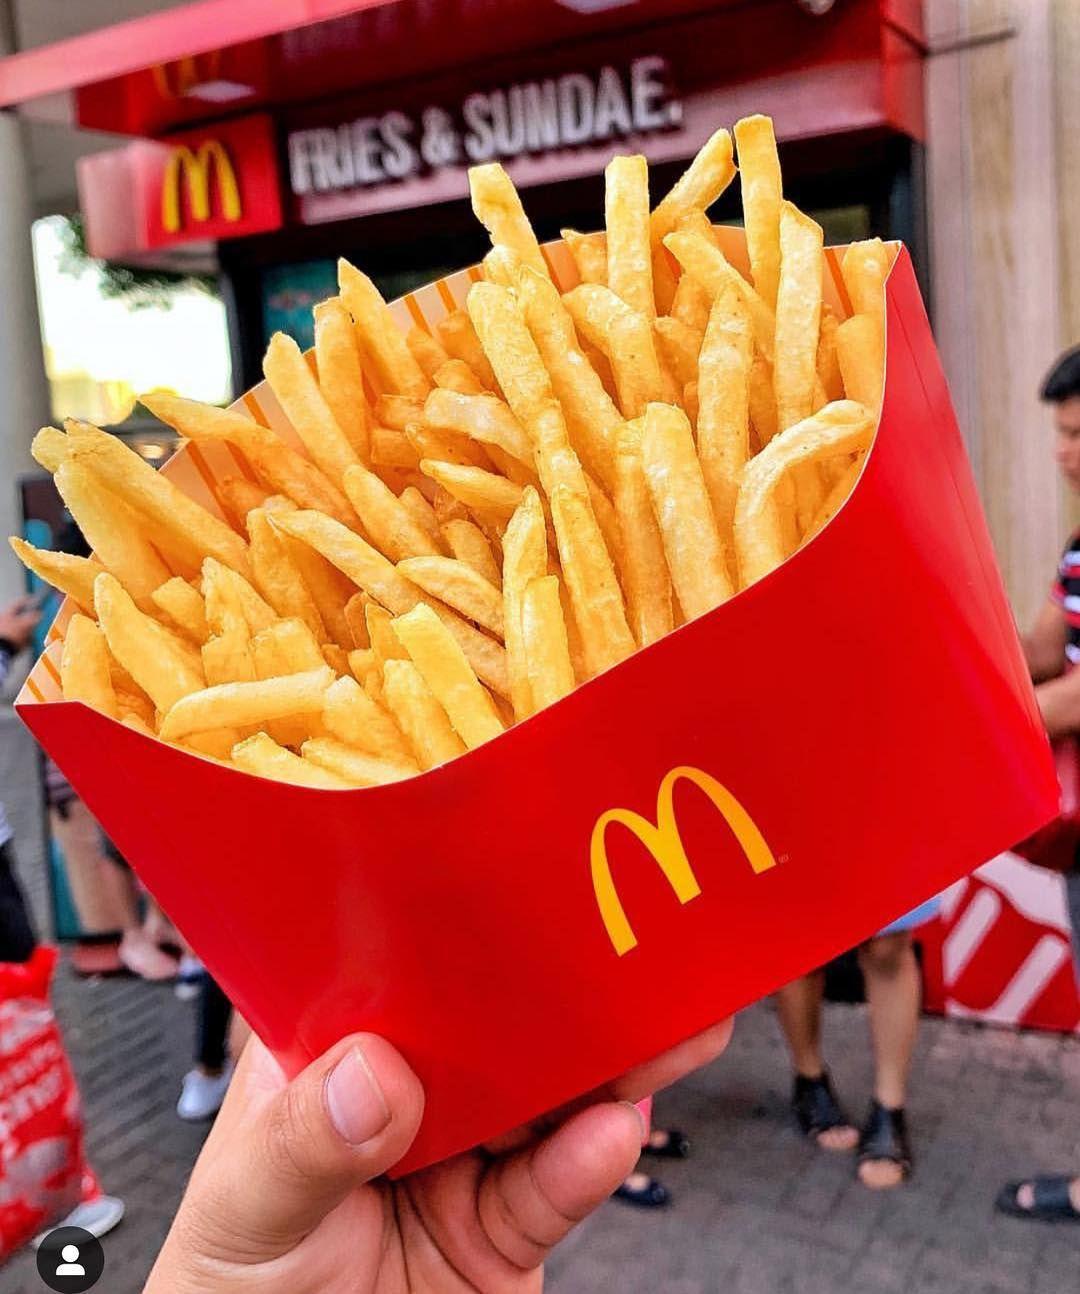 Foodbeast On Instagram A Xxl Bff Fries Spotting At